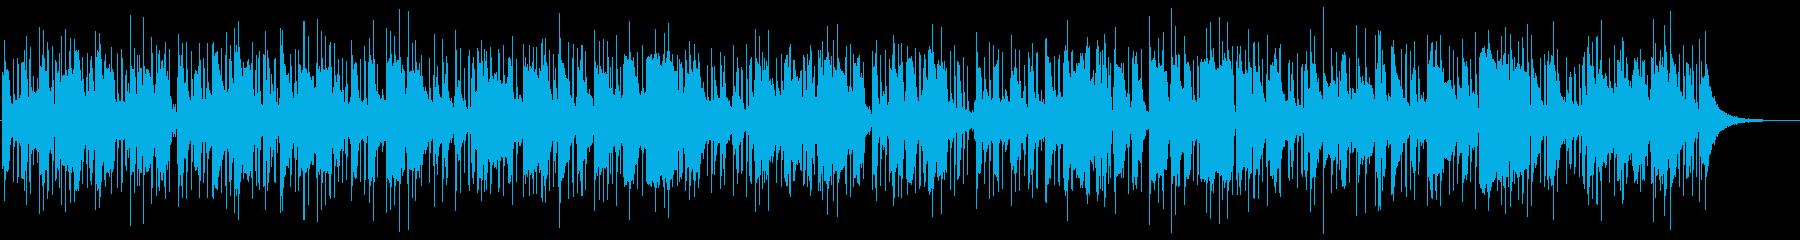 梅雨時の天気予報にぴったりのジャズBGMの再生済みの波形